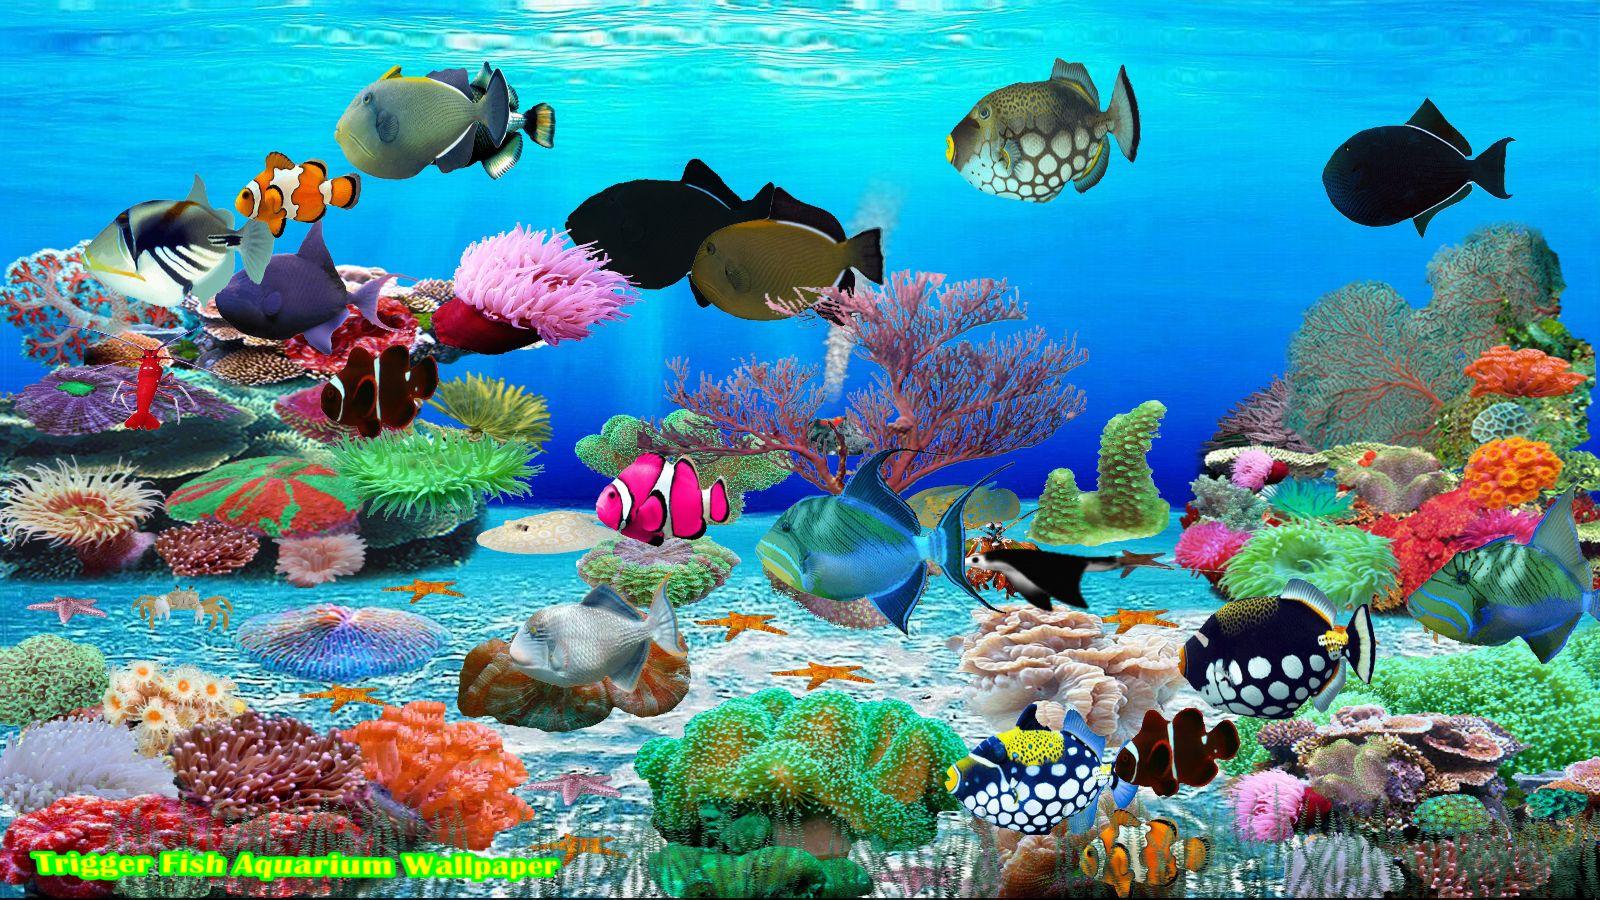 Marine Aquarium Deluxe for Windows Download Crack Activated